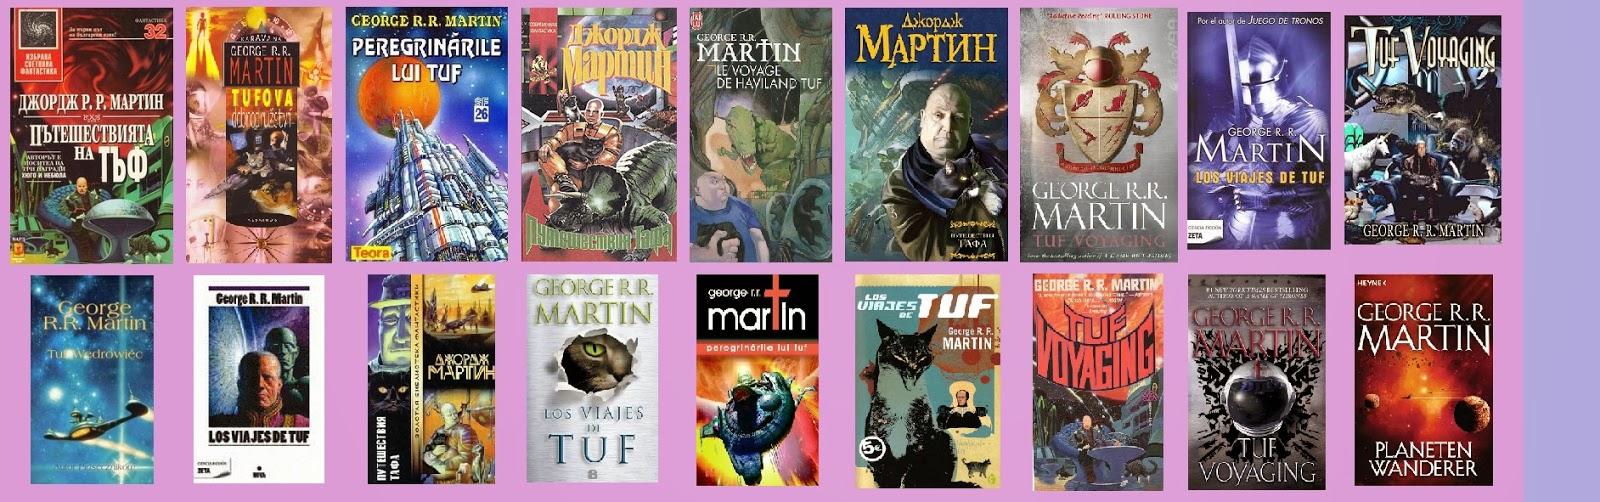 portadas de la novela compuesta de ciencia ficción Los viajes de Tuf, de George R. R. Martin